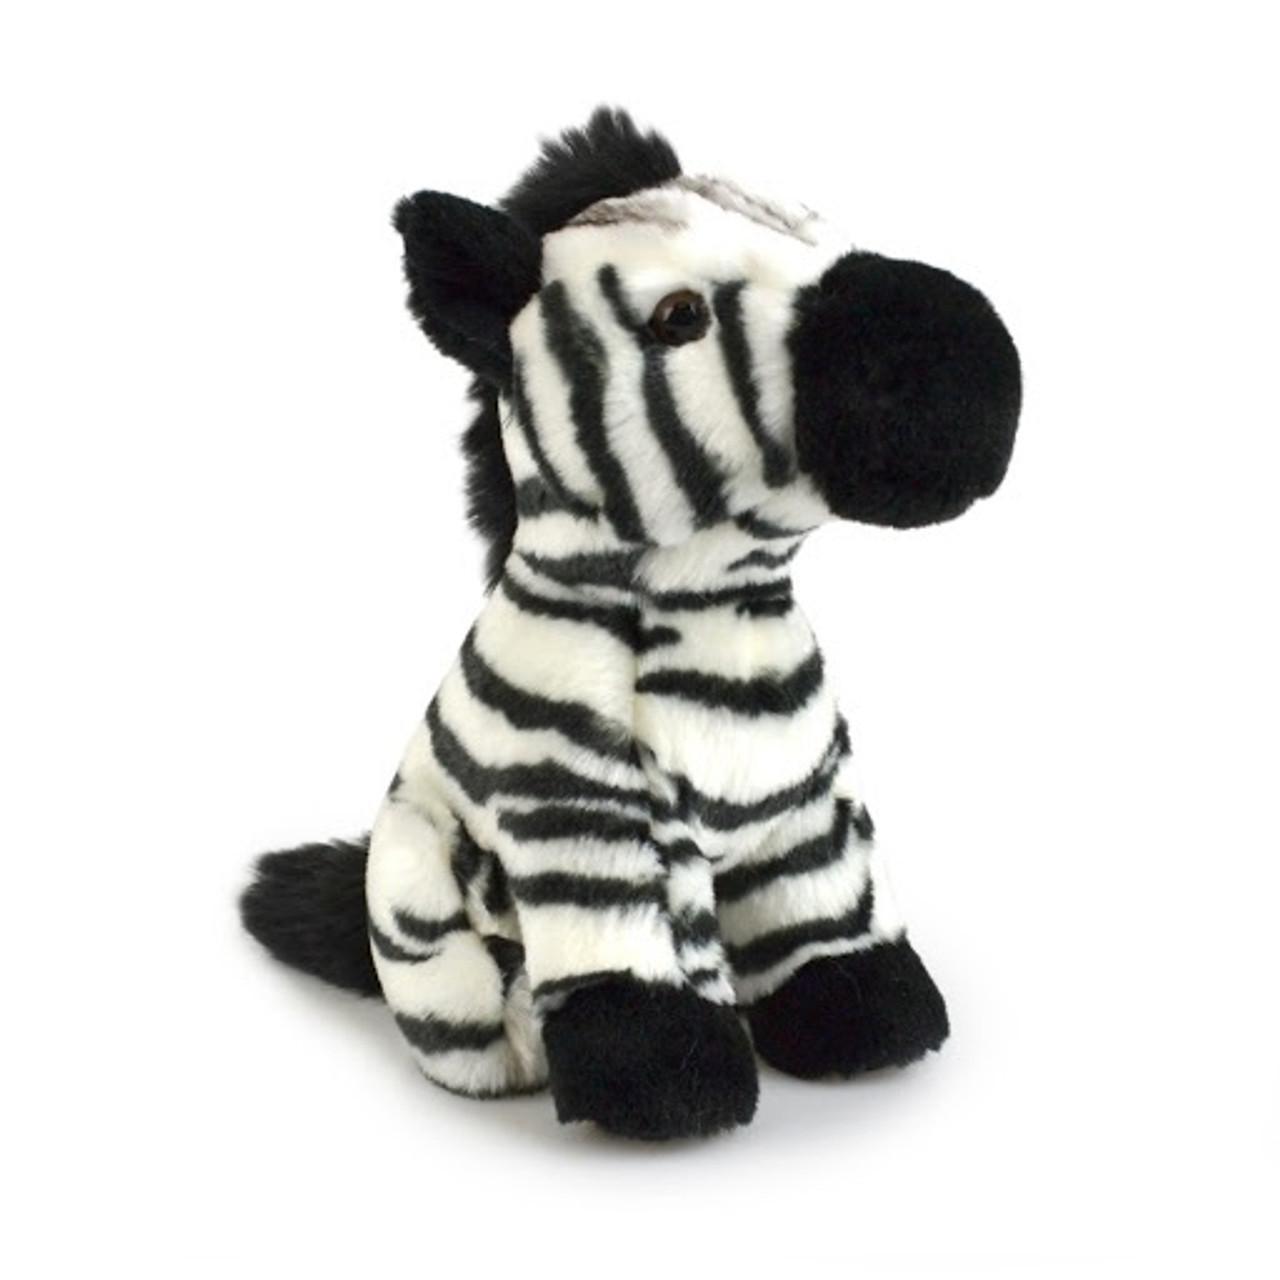 Korimco Lil Friends Plush Toy 18cm - ZEBRA